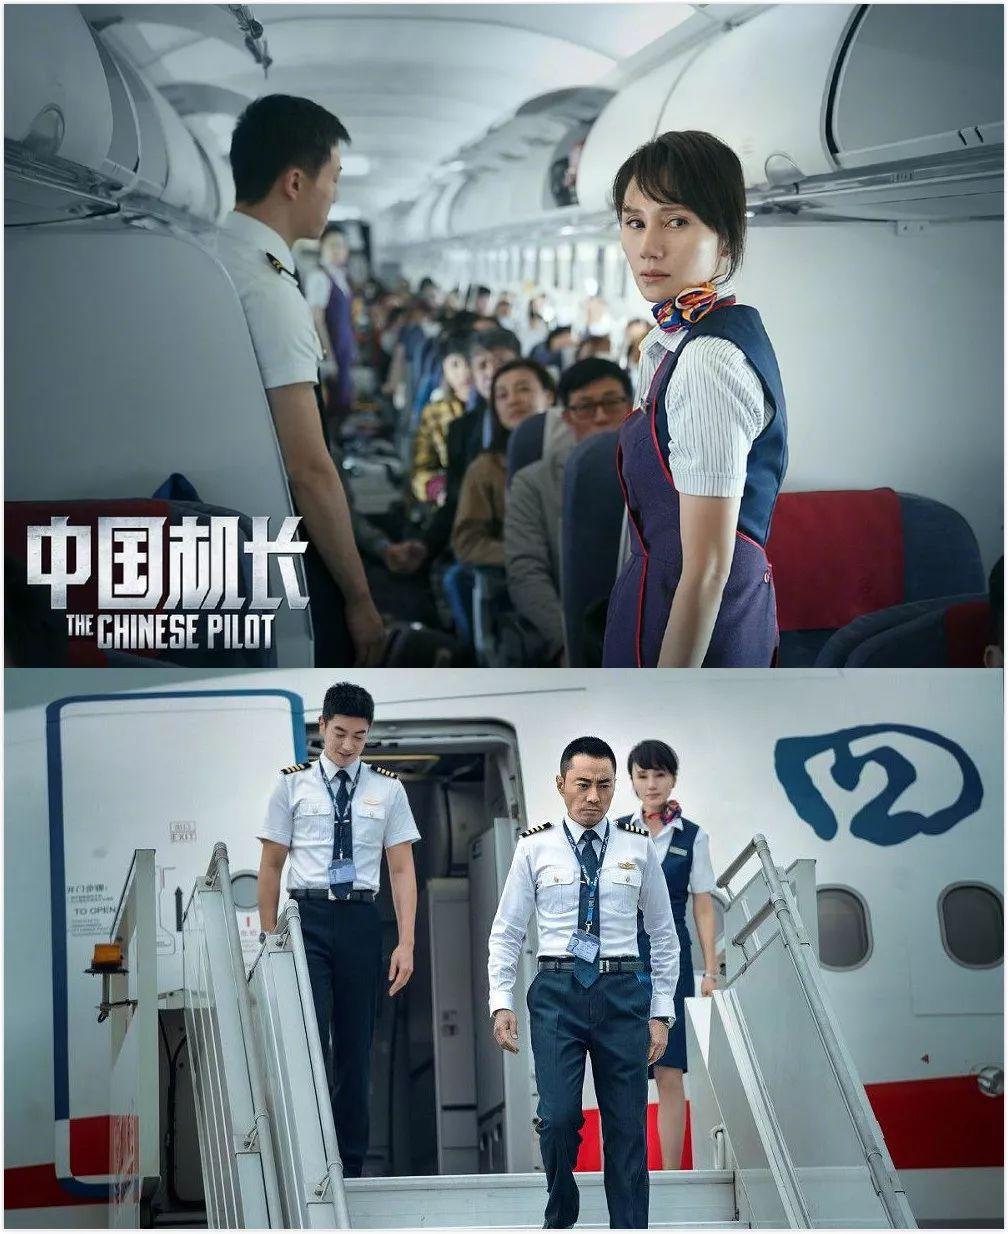 电影《中国机长》剧照,飞机内外部相关景象